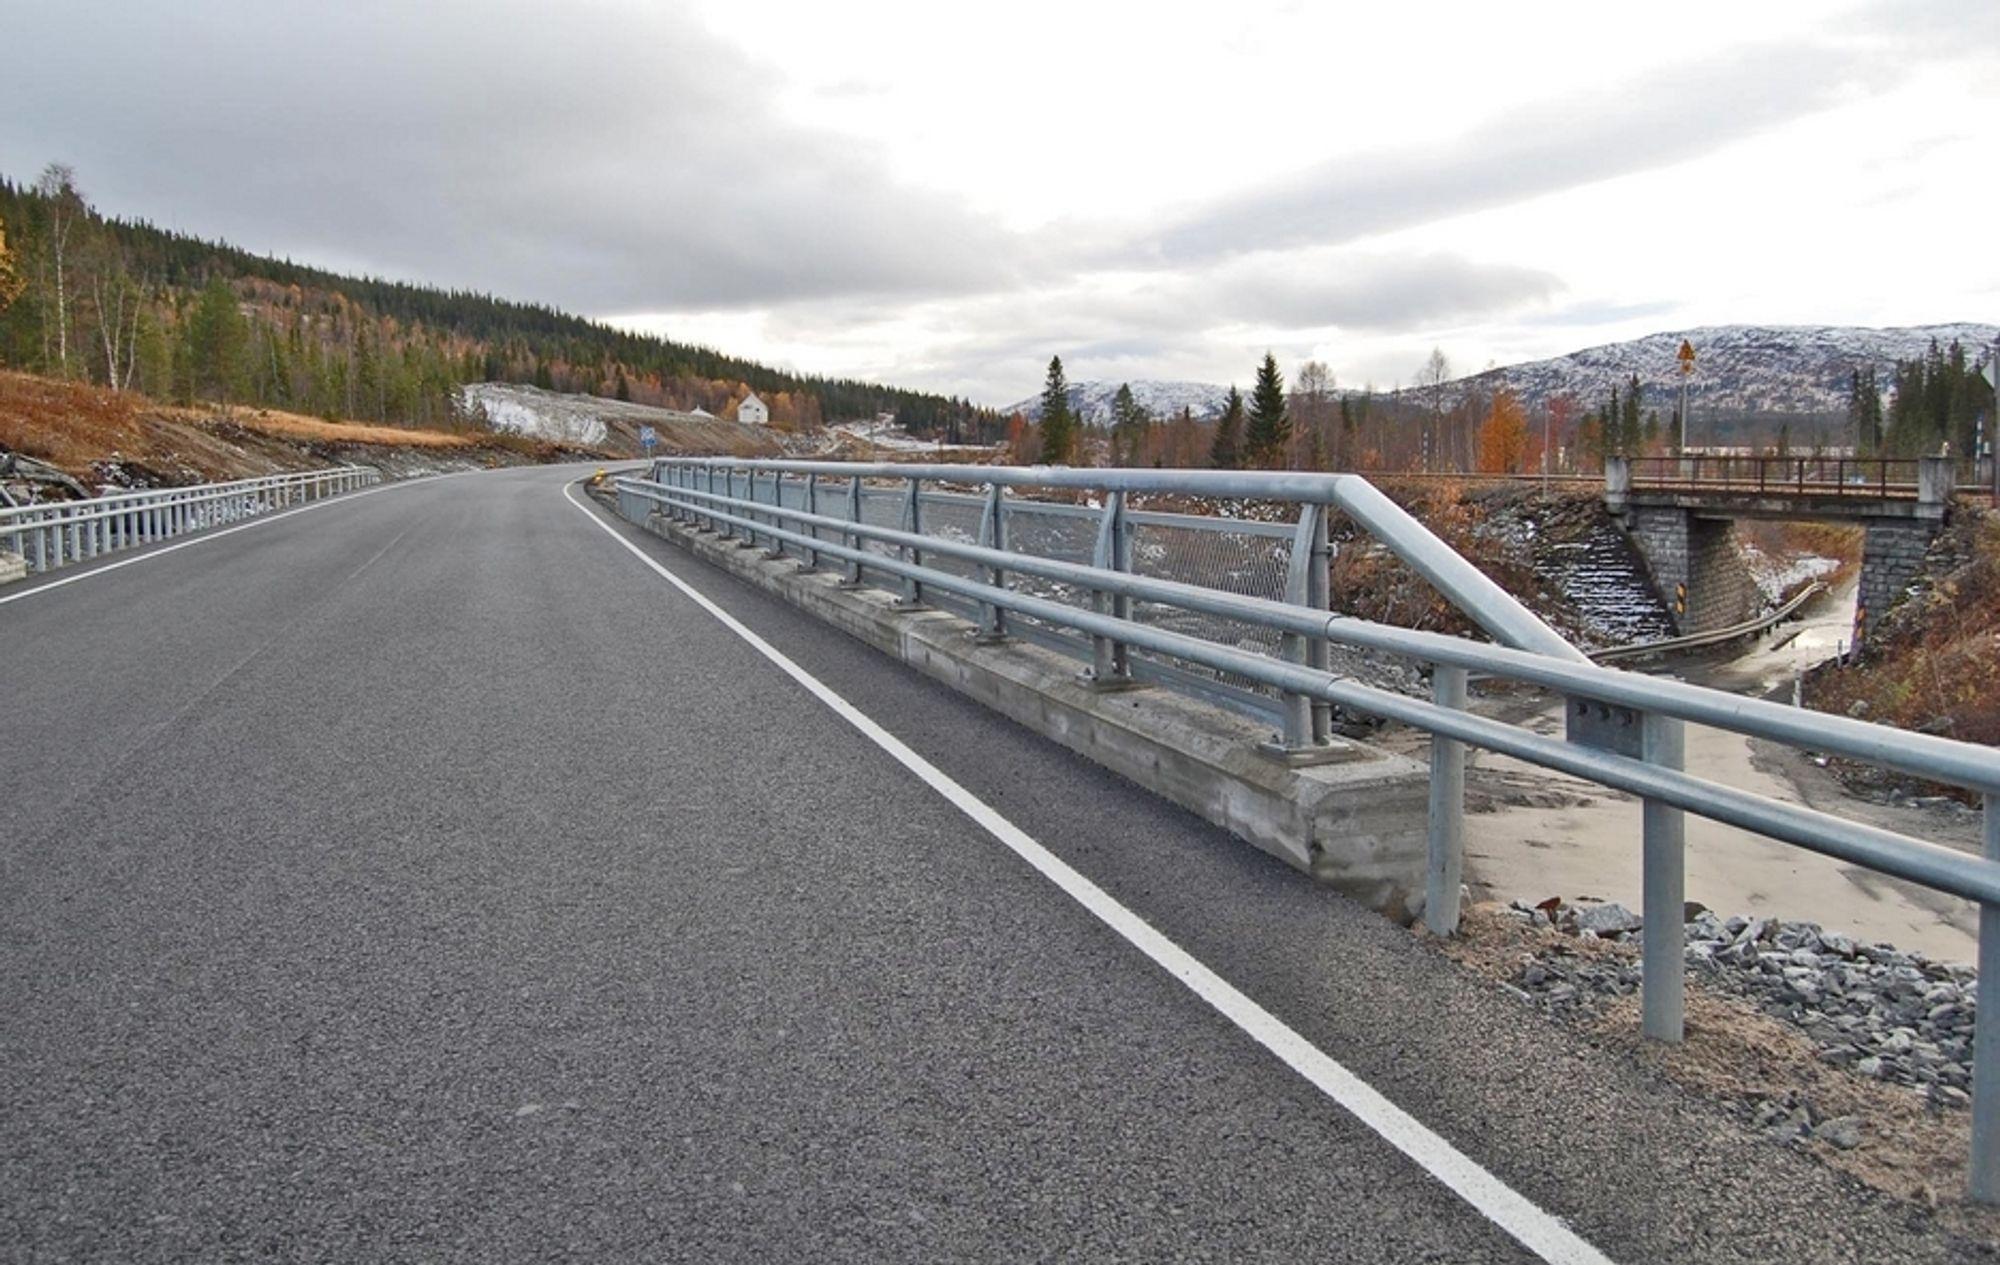 Det svenske firmaet Svevia ligger best an til å få driftskontrakten for området Mosjøen. I dette området ligger den nye E 6 mellom Majahaugen og Flyum i Grane kommune, som ble åpnet i fjor høst.